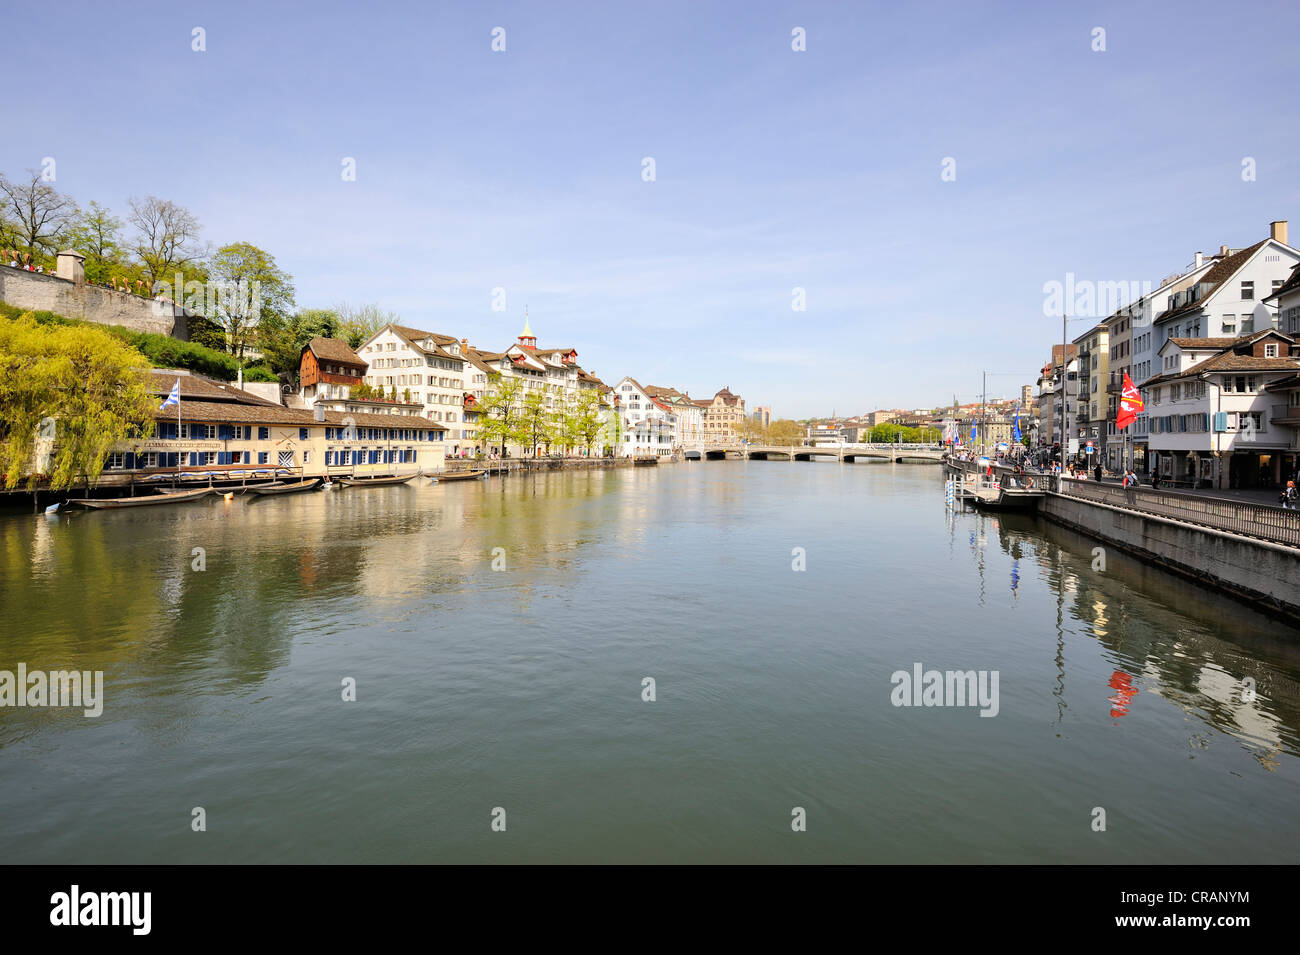 Zurich, view of the Limmat River, Schipfe district, Canton of Zurich, Switzerland, Europe - Stock Image